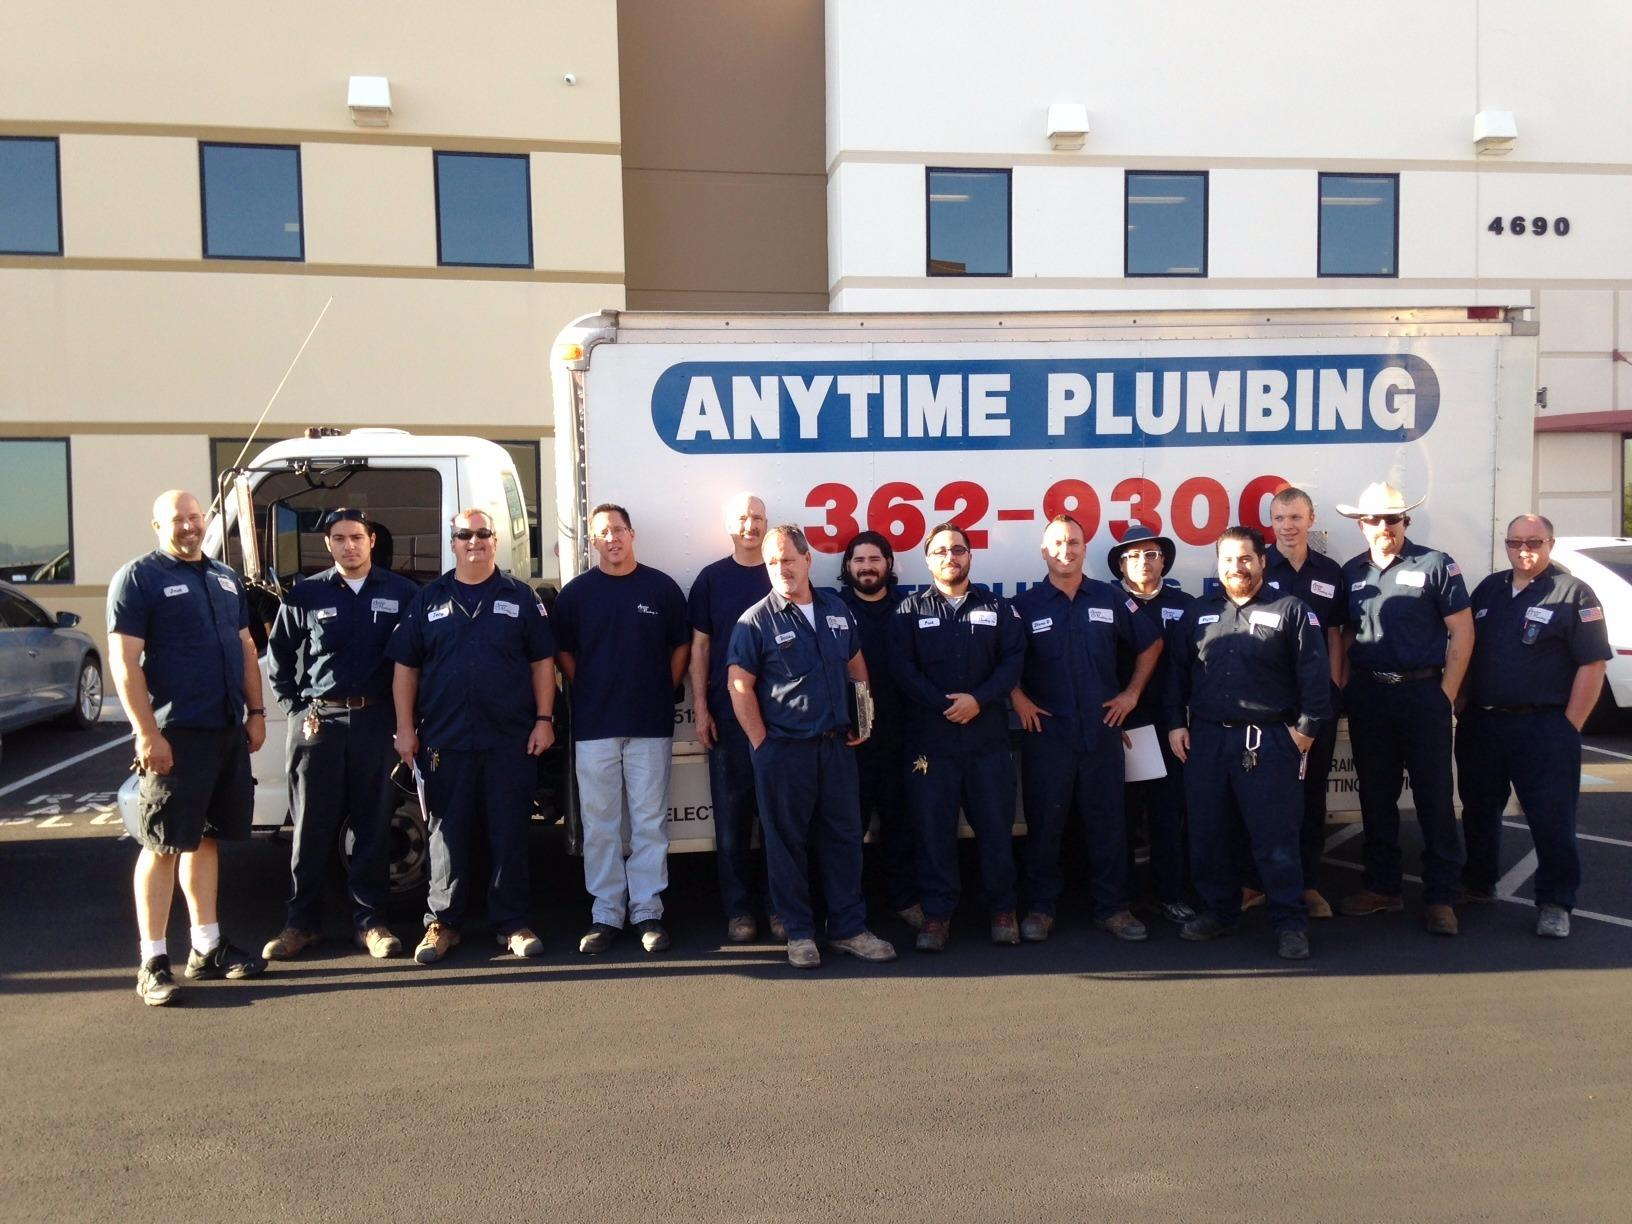 Anytime Plumbing, Inc image 0